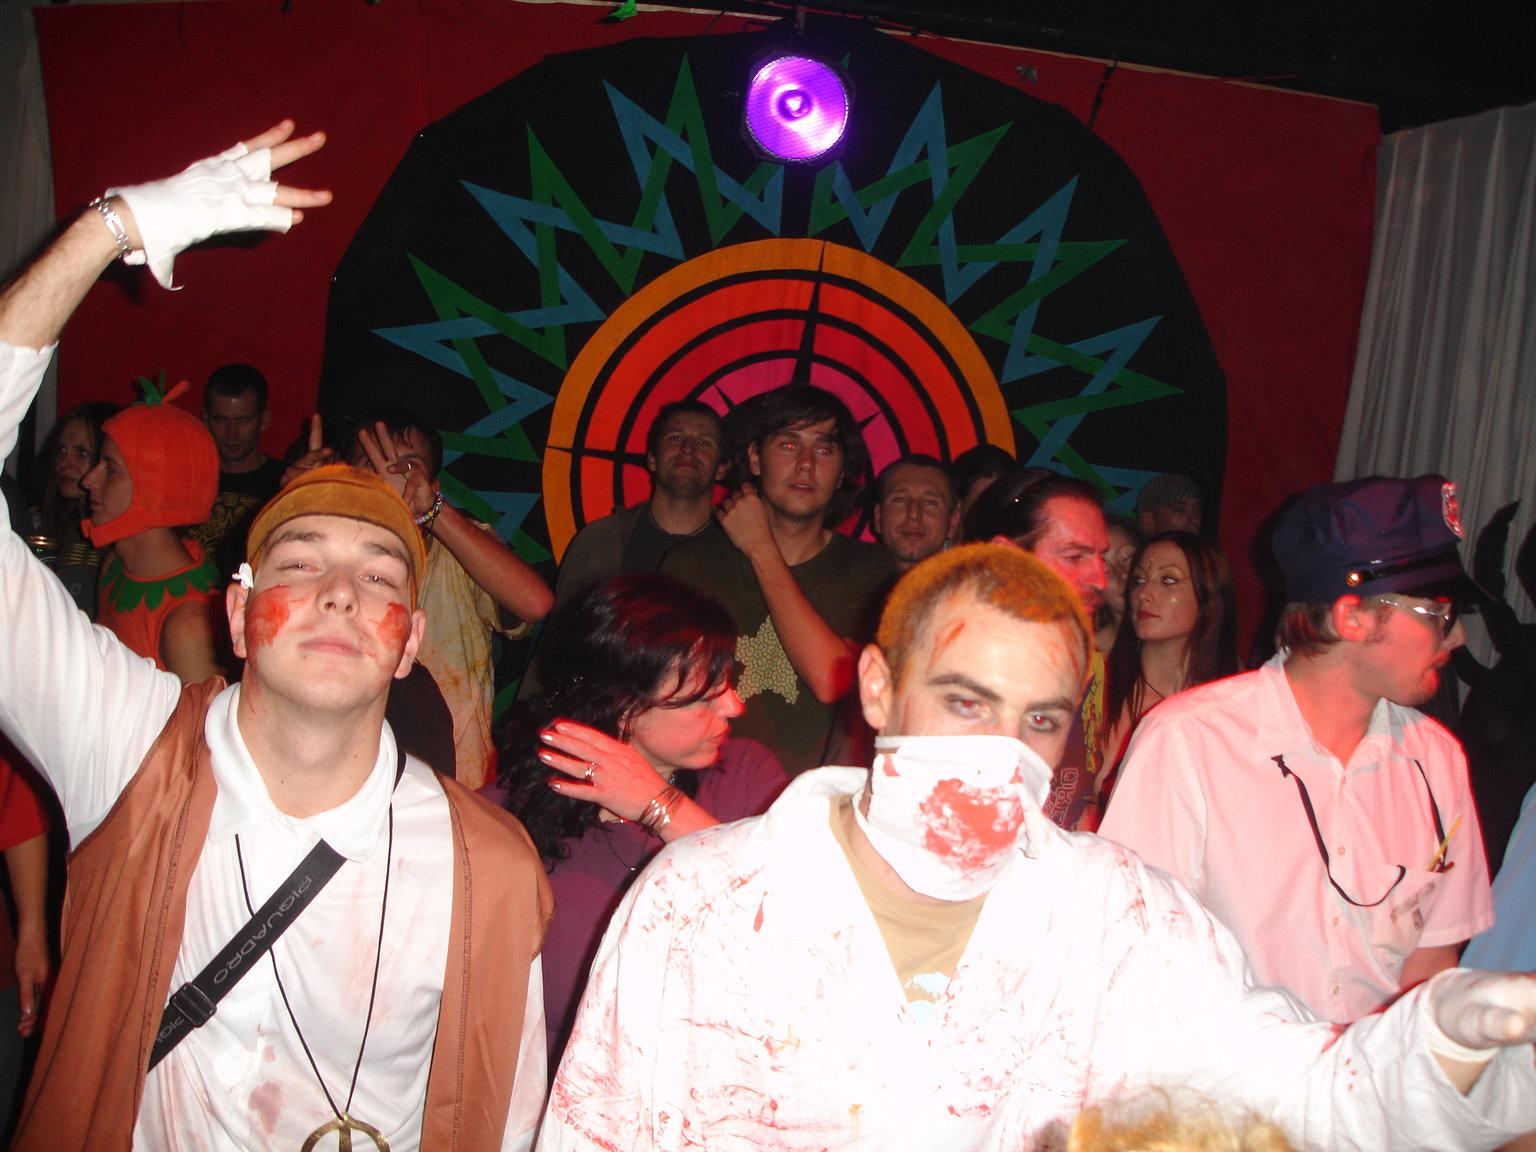 DSC03581_Creepy_crowd.JPG